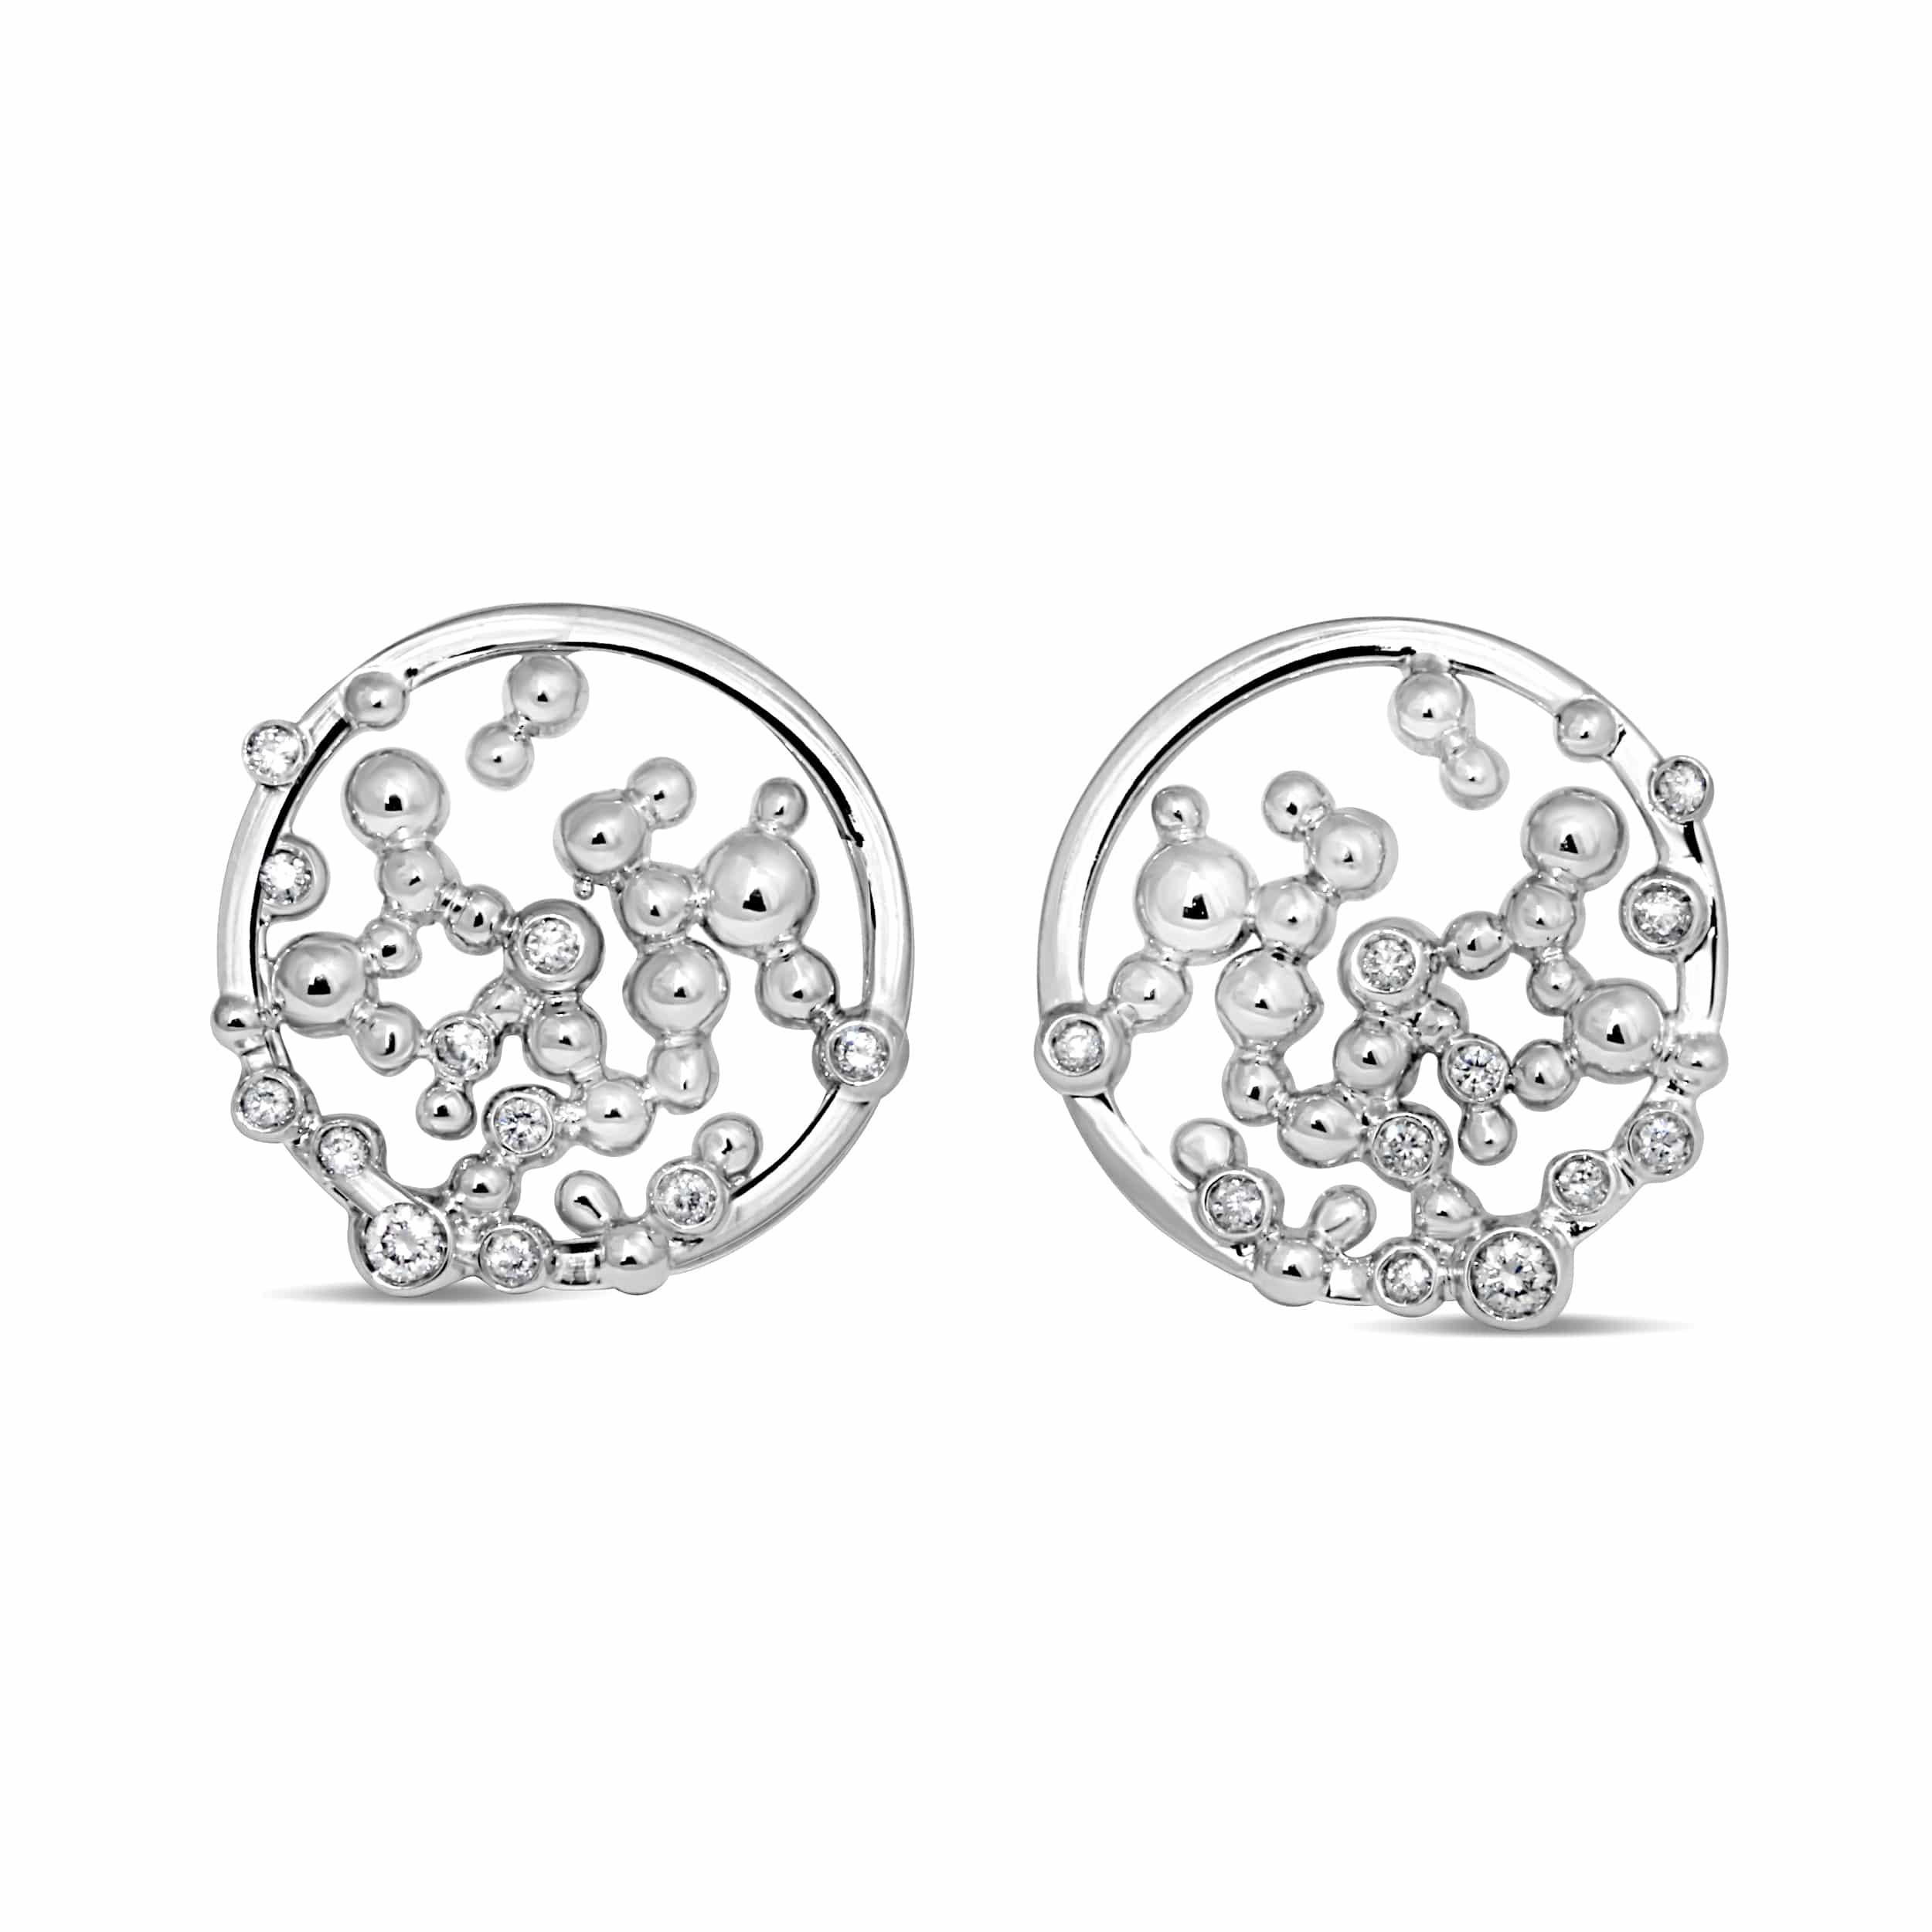 Paire de boucles d'oreilles en argent serties de cubics zirconiums. Motifs ajourés. Orligne Genève